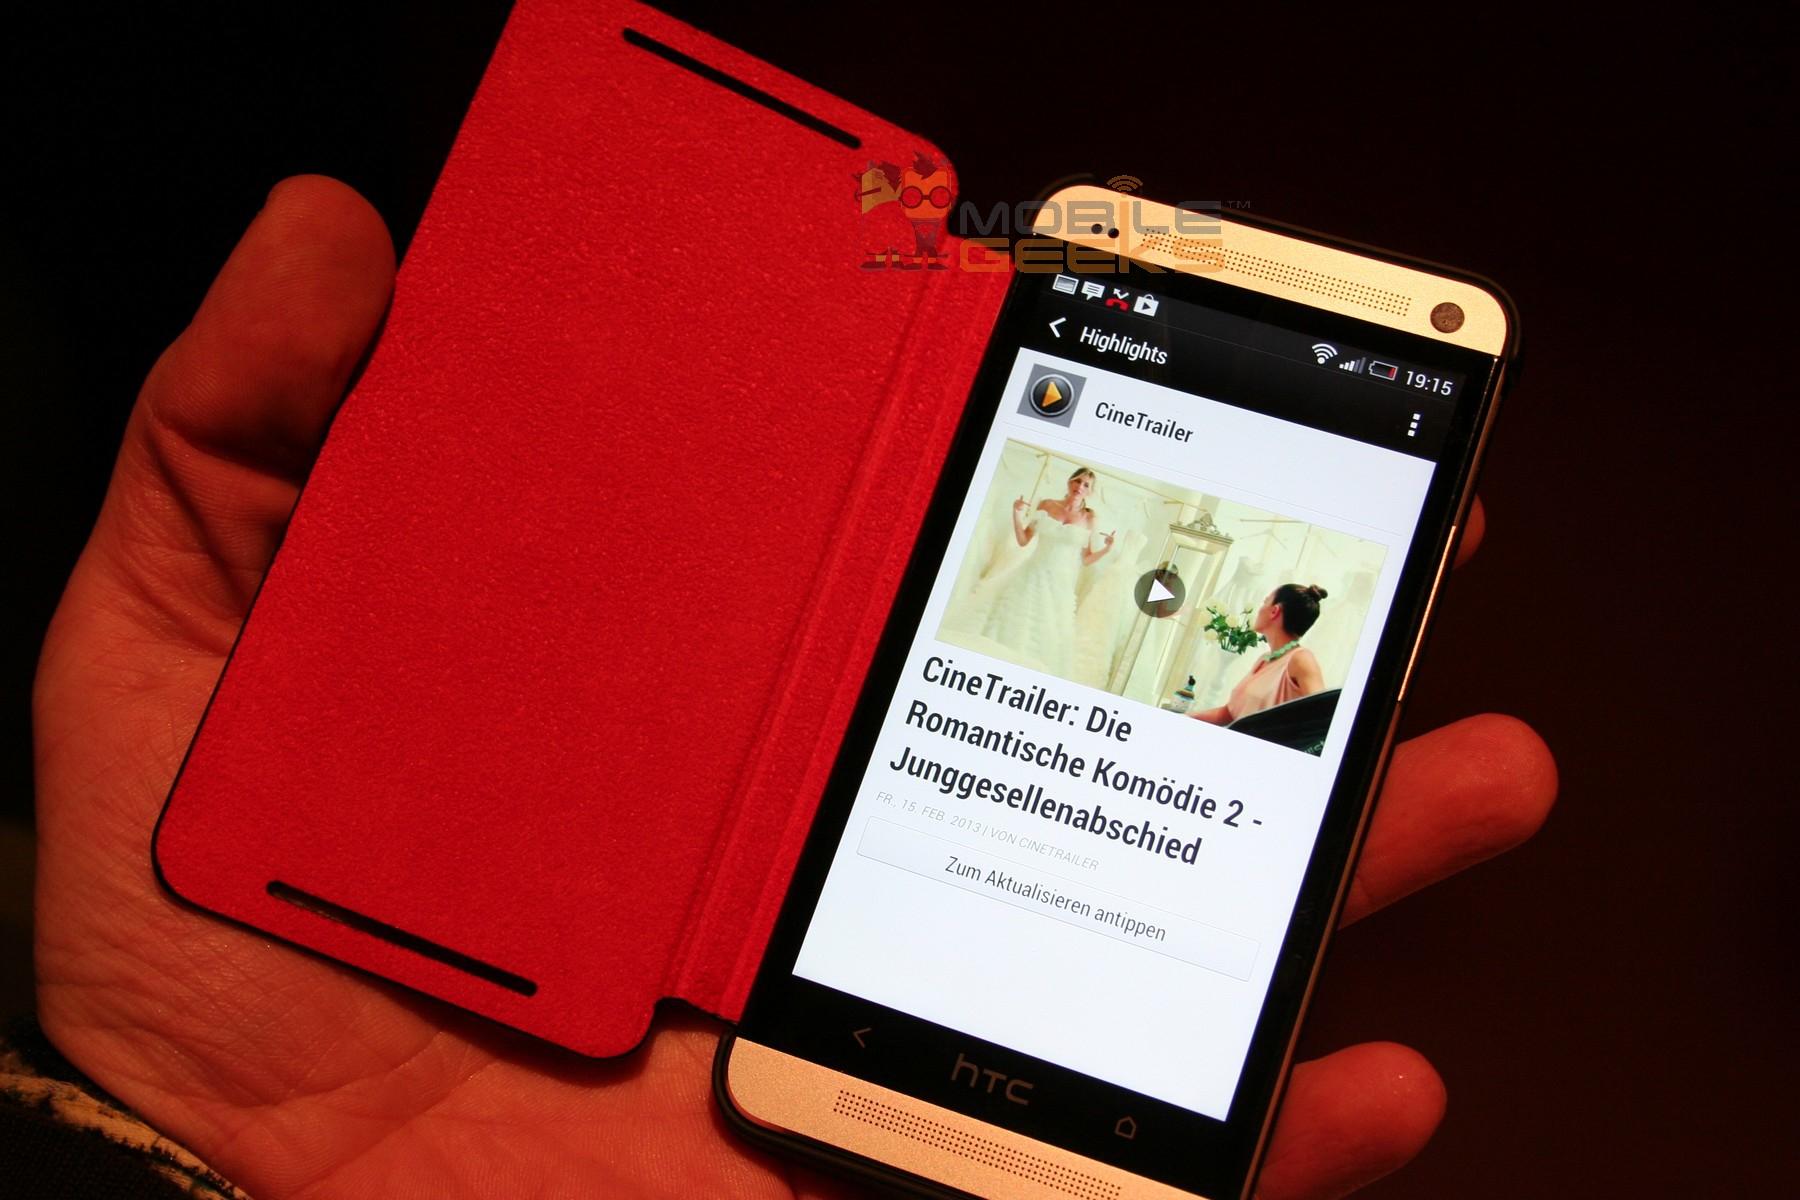 HTC One Zubehör in Bildern